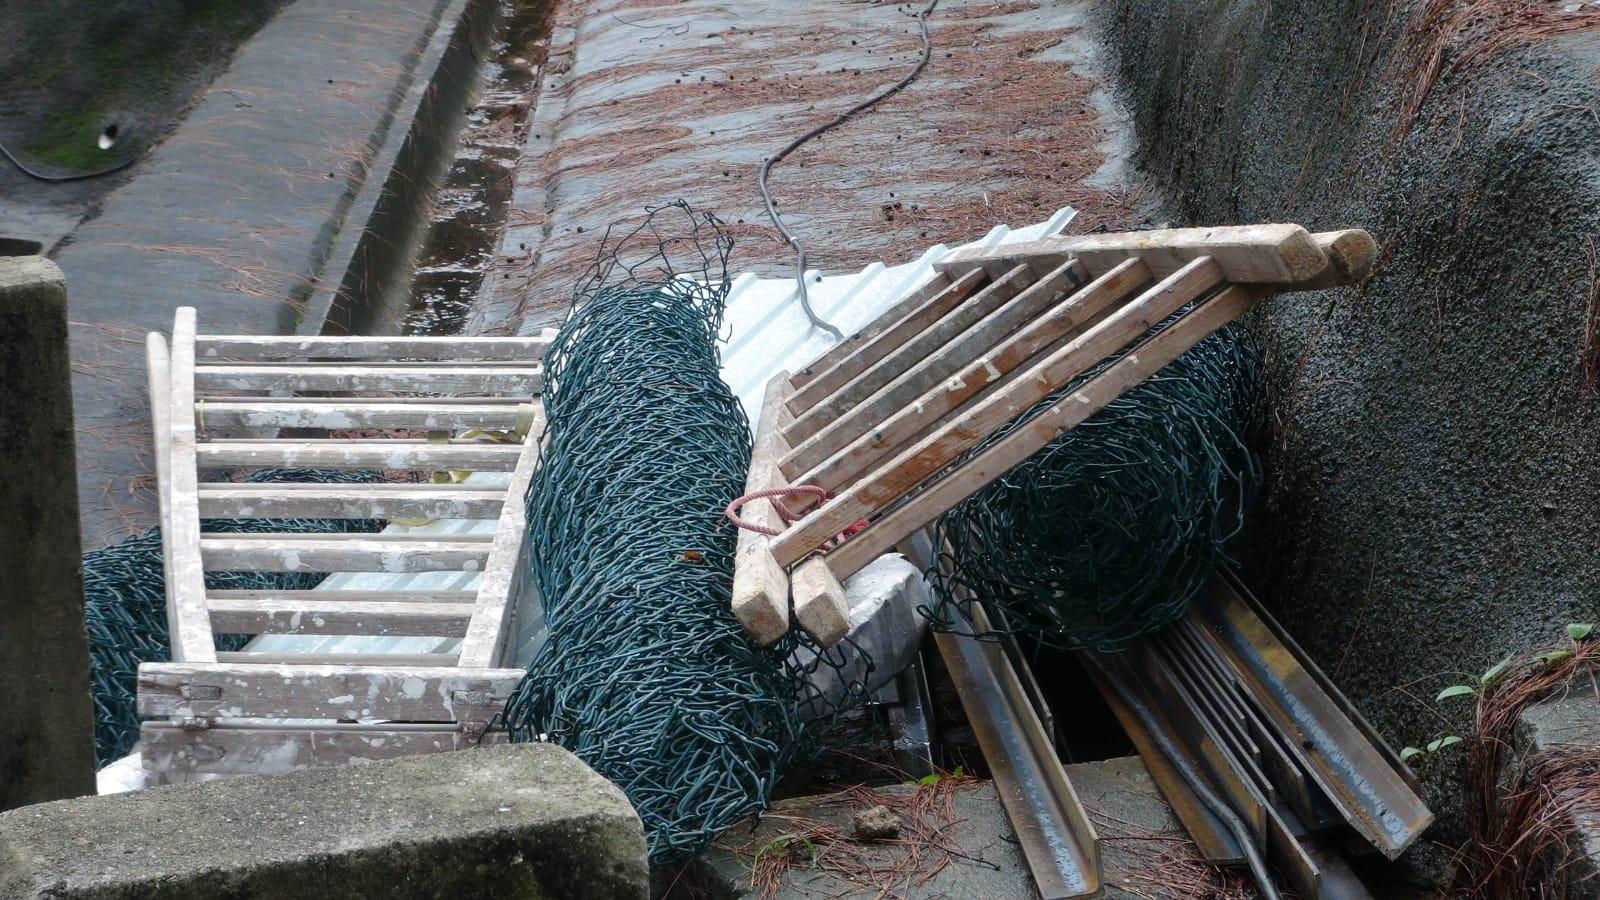 荔枝角收押所後山有大石滾下,撞毀圍網。林思明攝